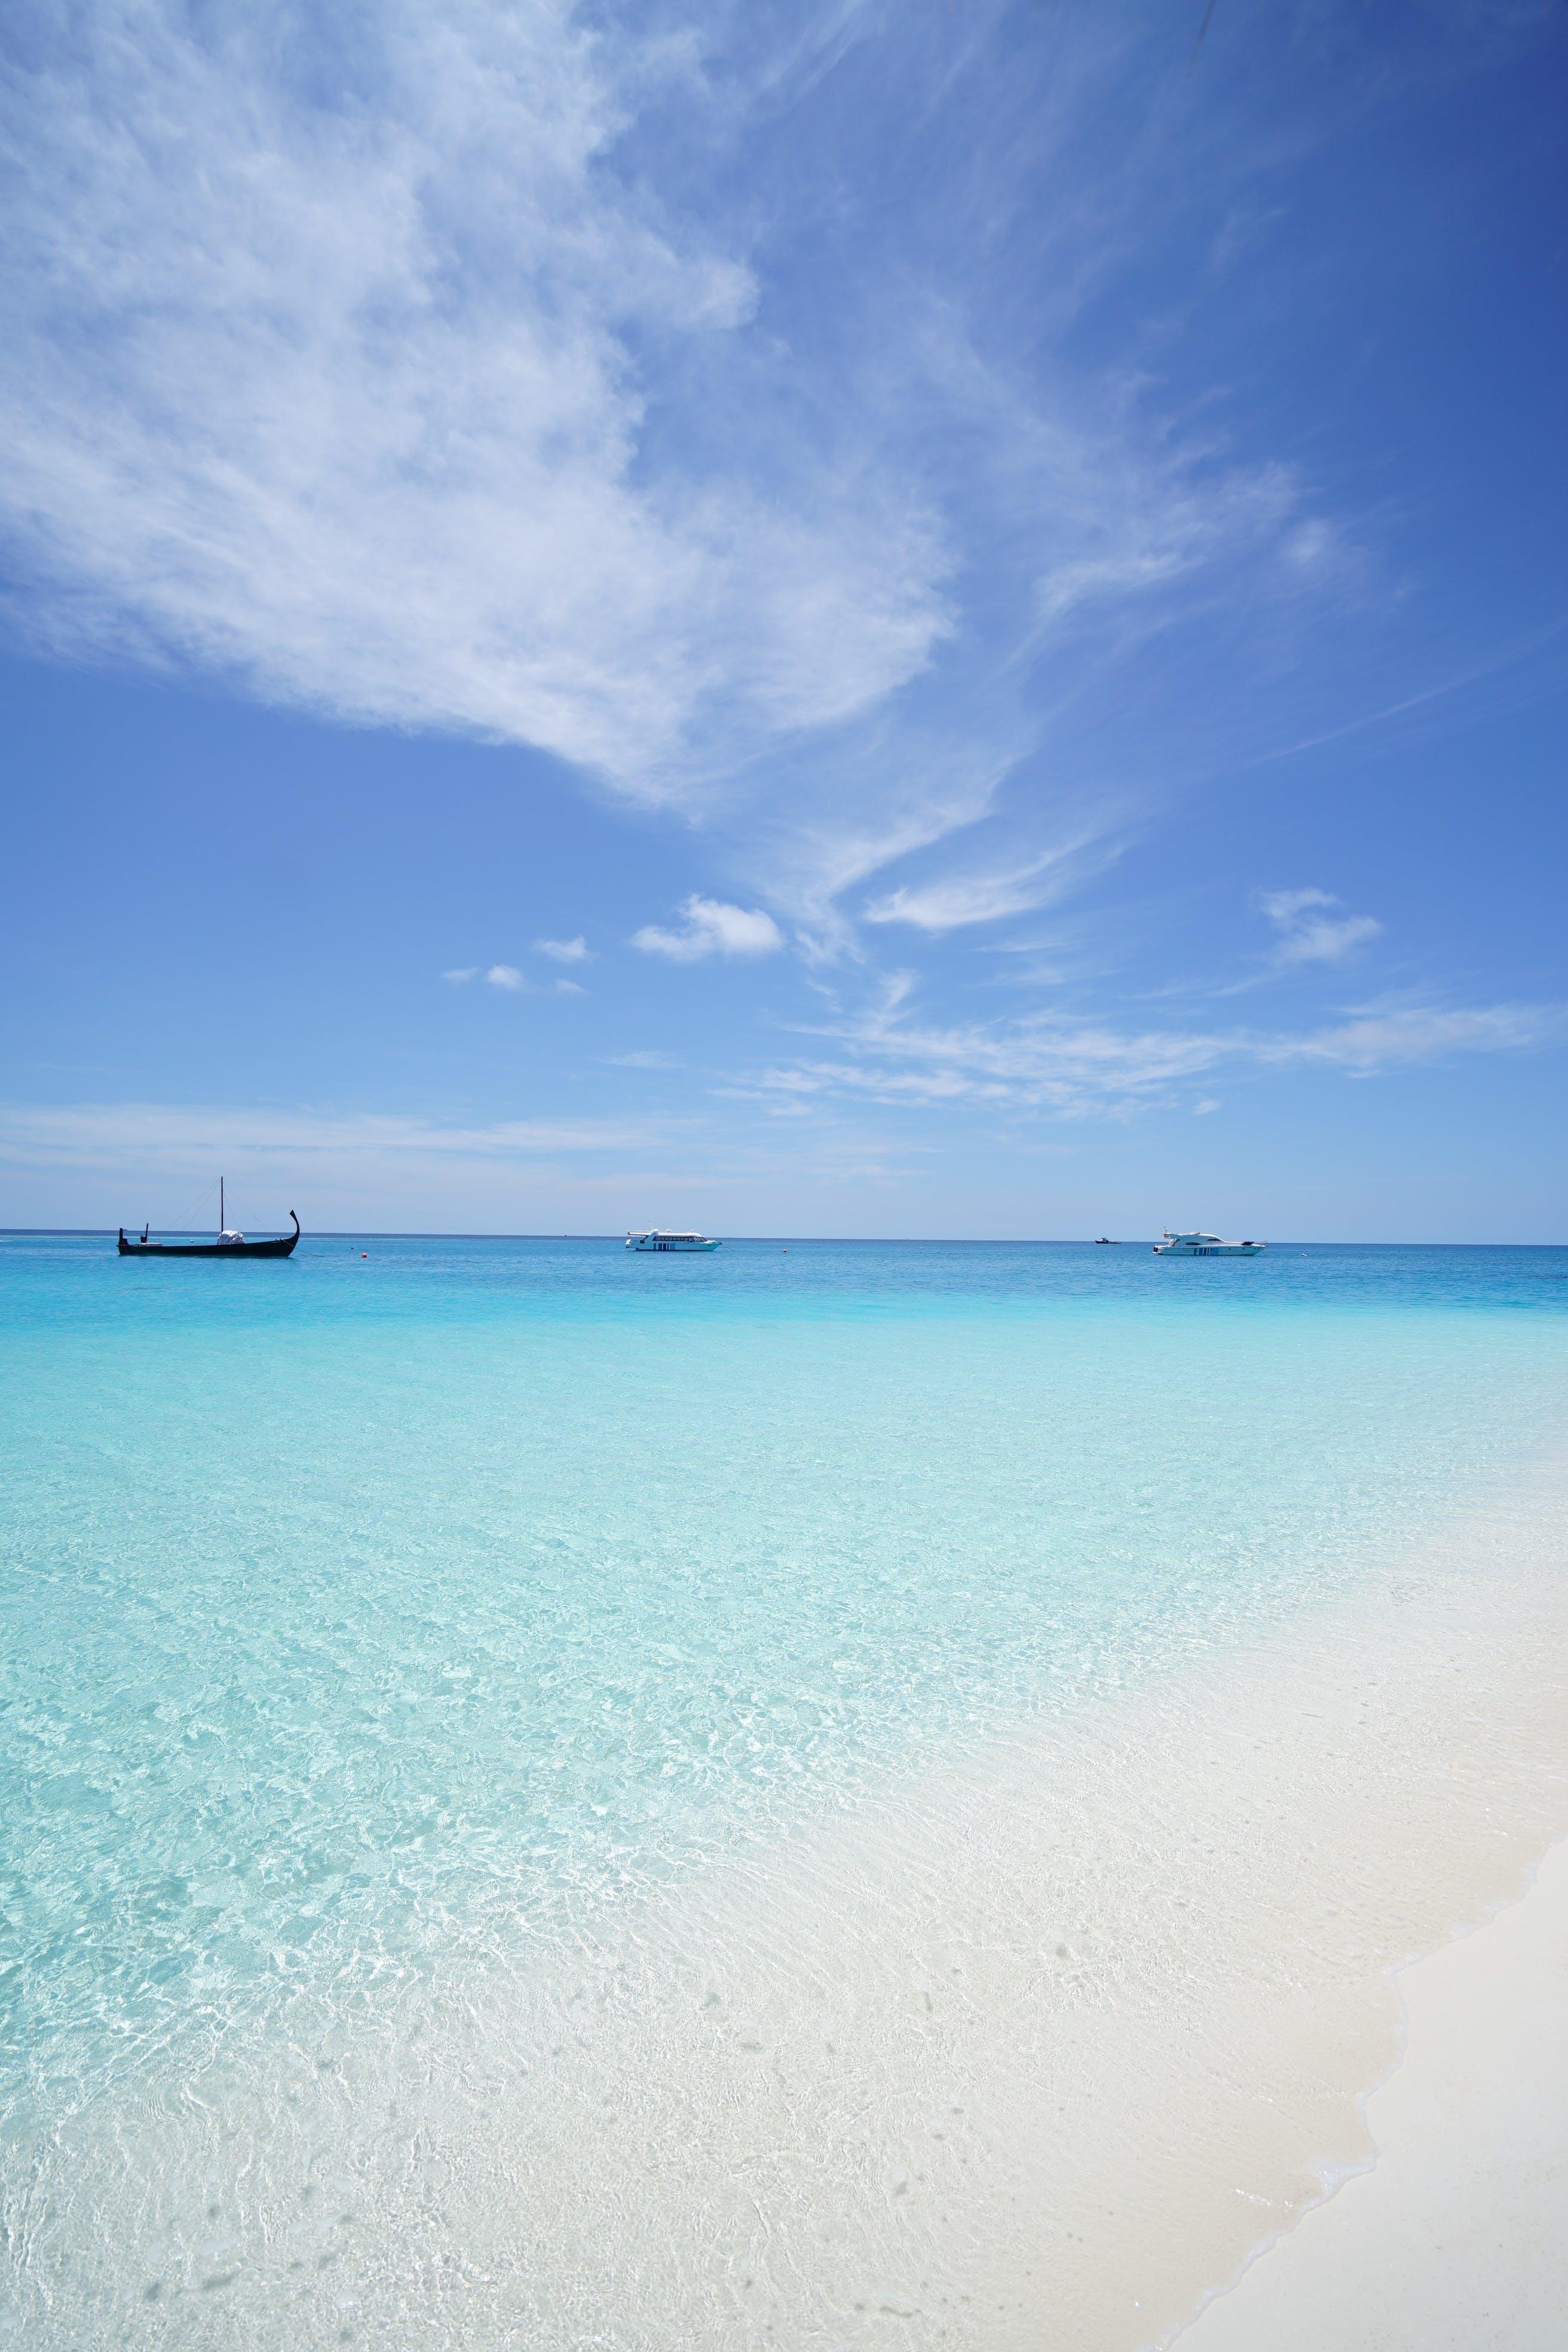 Foto d'estoc gratuïta de aigua, cel, cel blau, idíl·lic